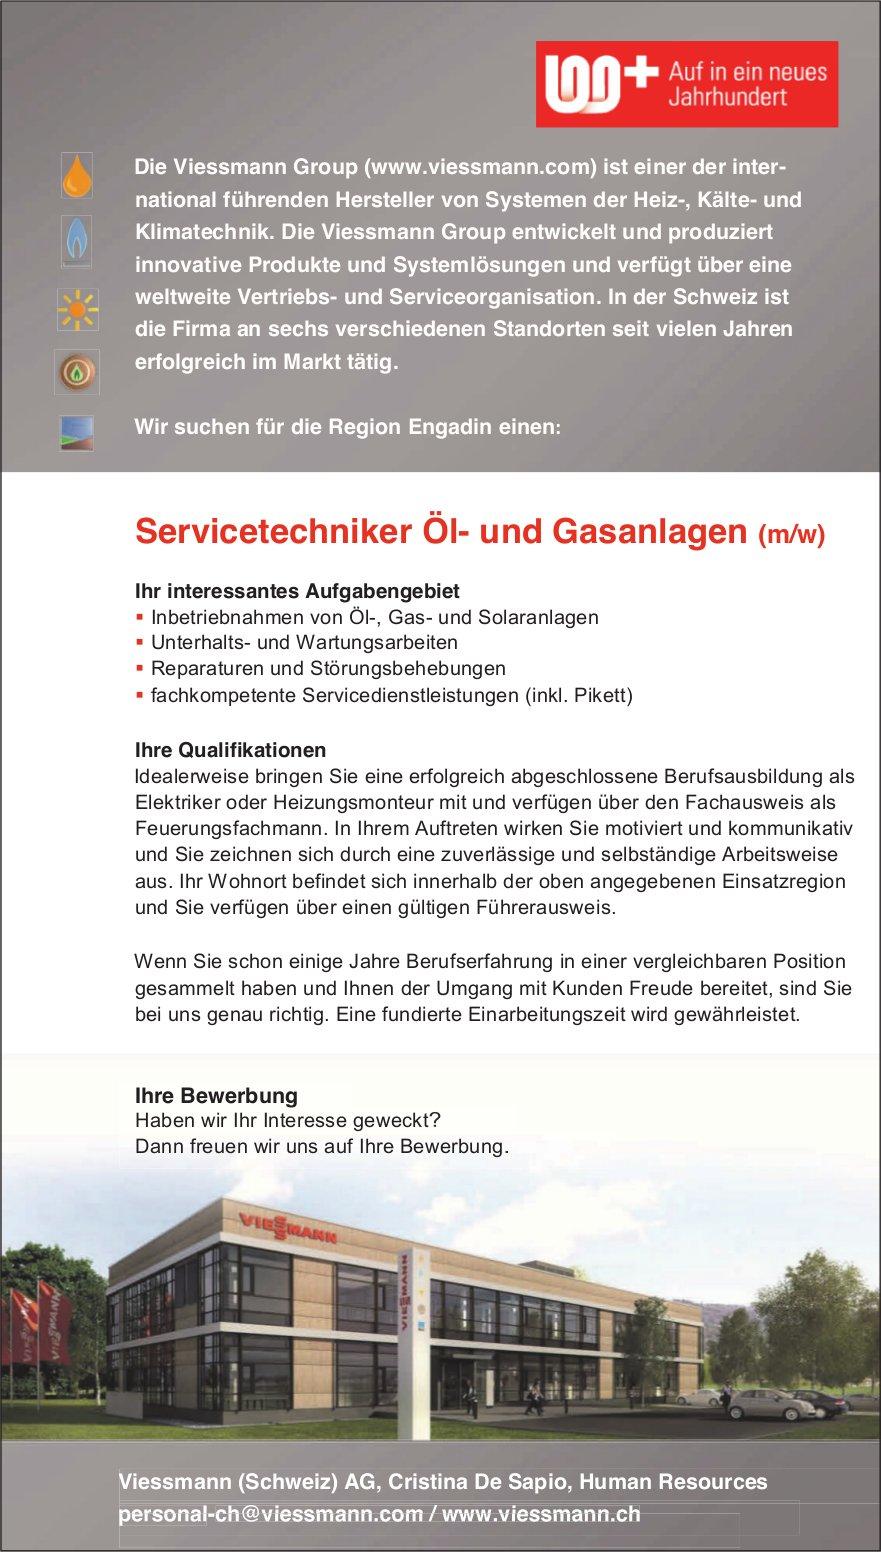 Servicetechniker Öl- und Gasanlagen (m/w) bei Viessmann (Schweiz) AG gesucht